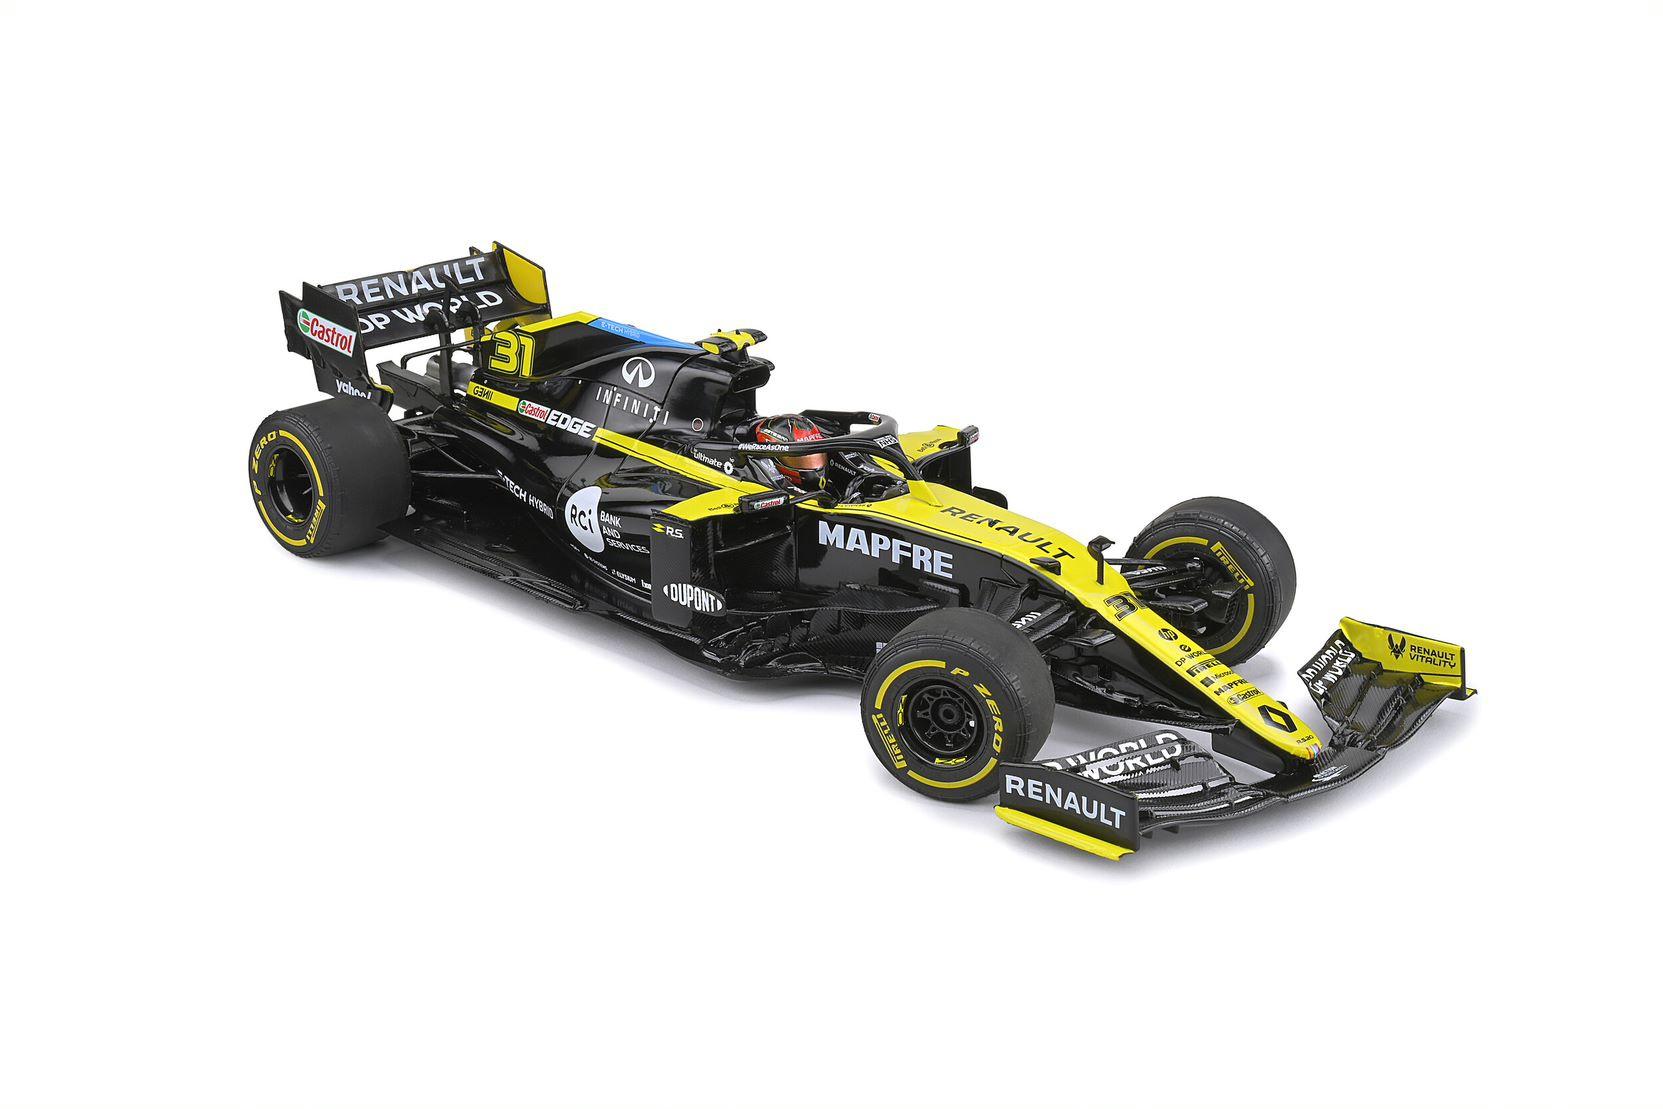 Renault RS 20 British Grand Prix 2020 E.OCON